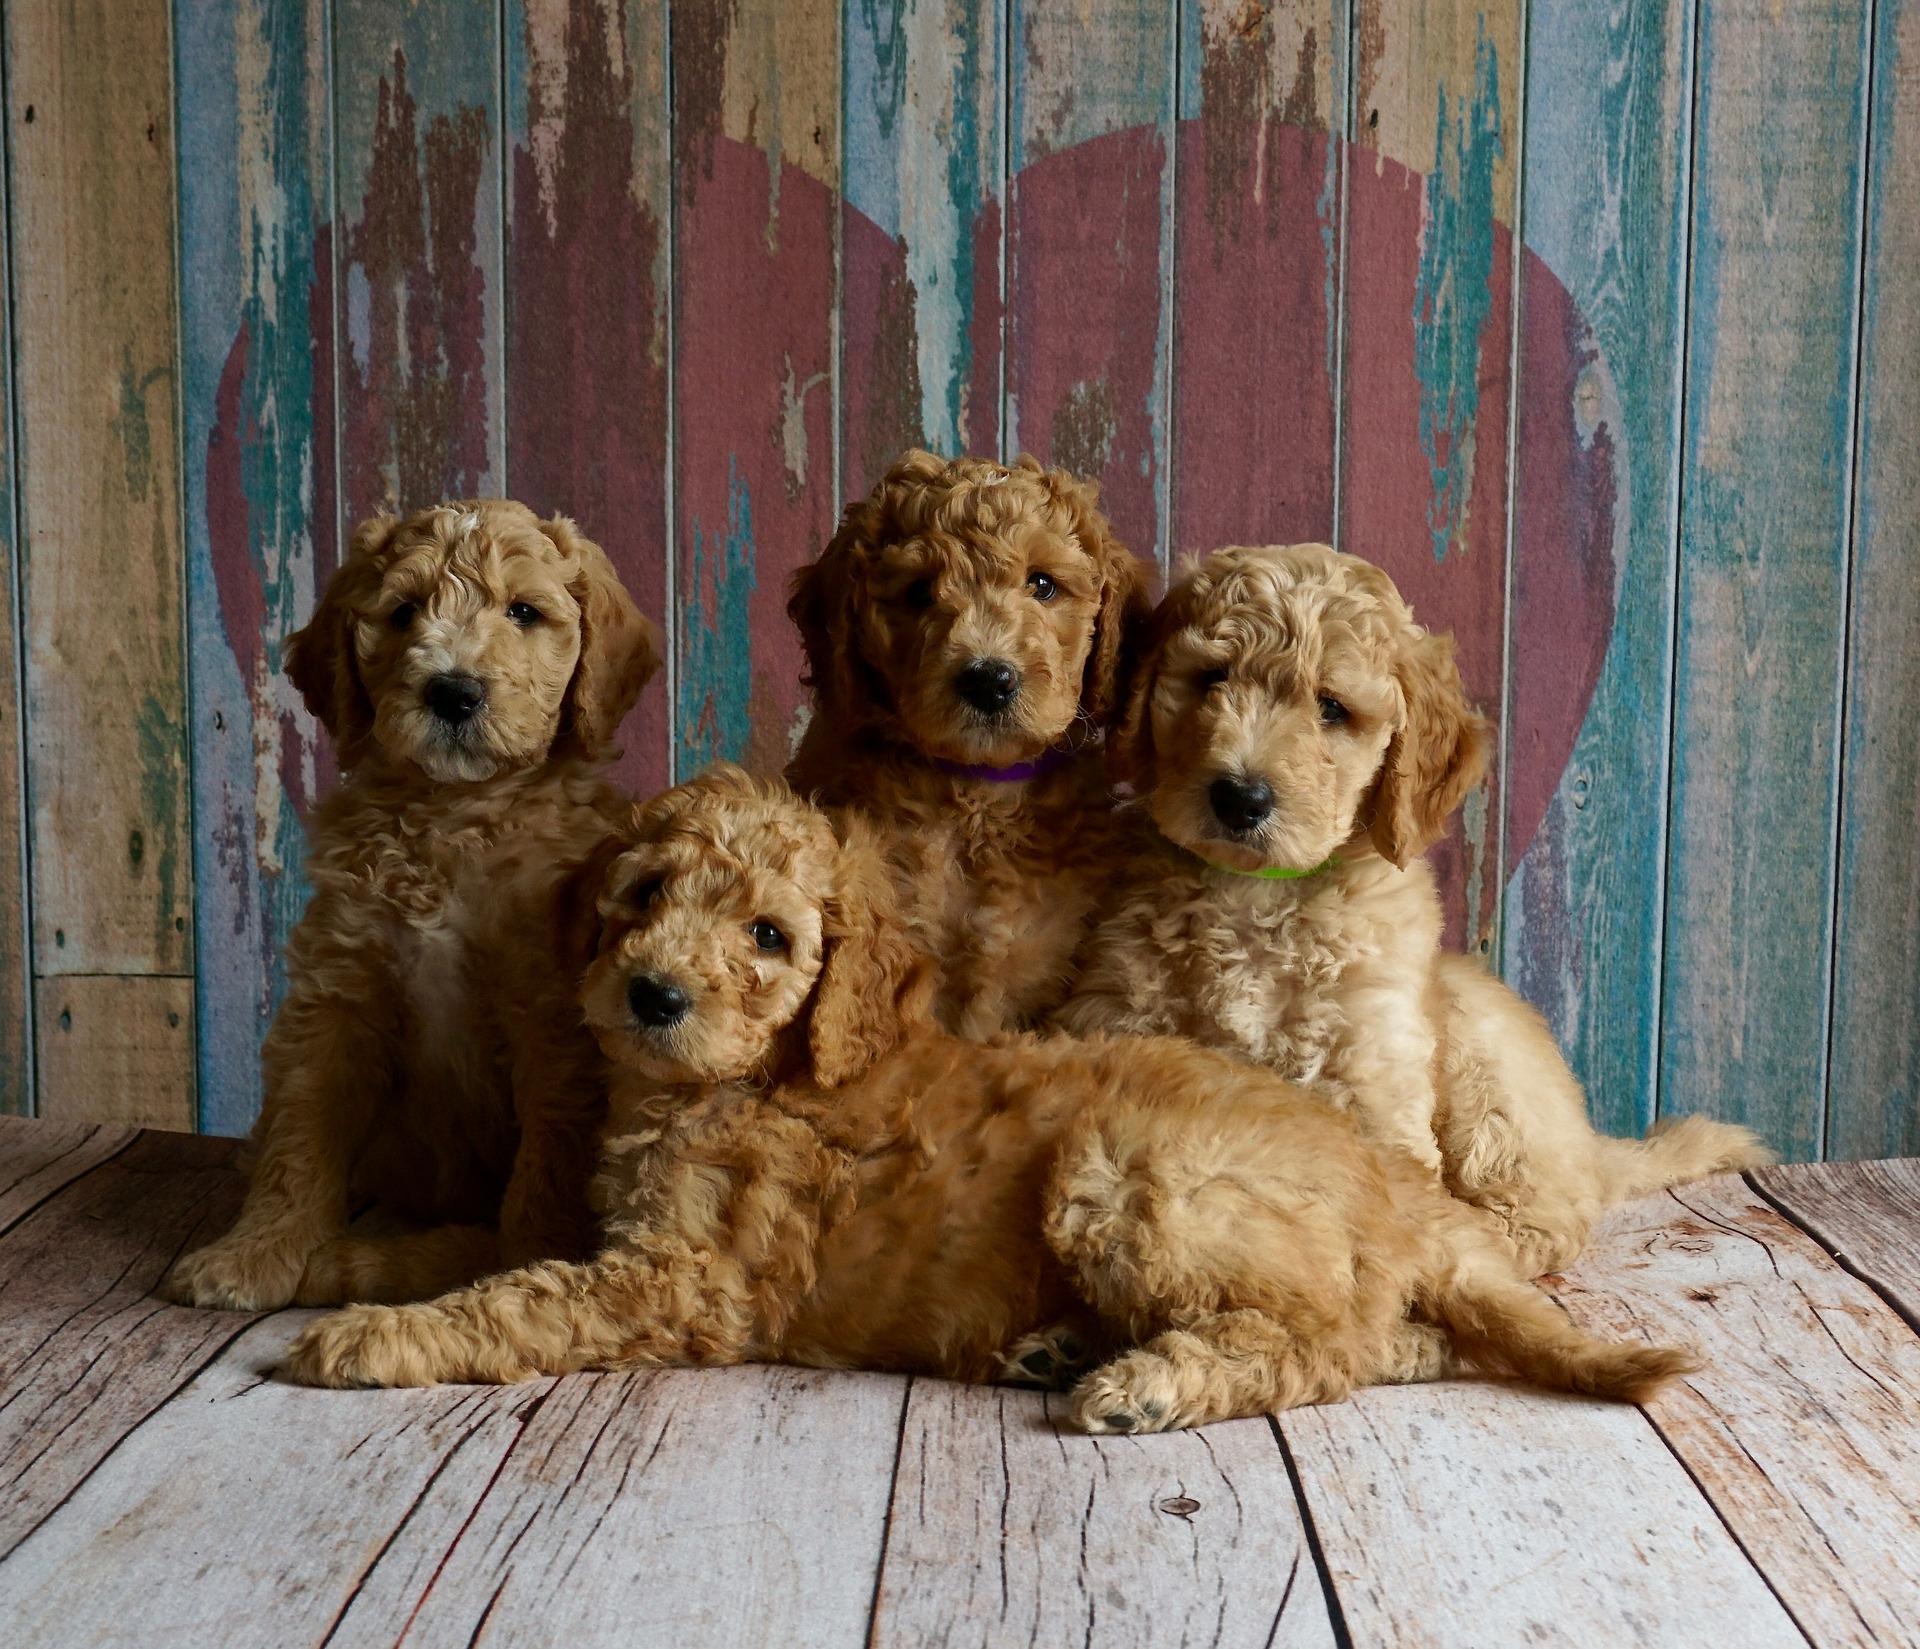 La justicia obliga al cese definitivo e inmediato de actividad de tenencia de varios perros en la vivienda